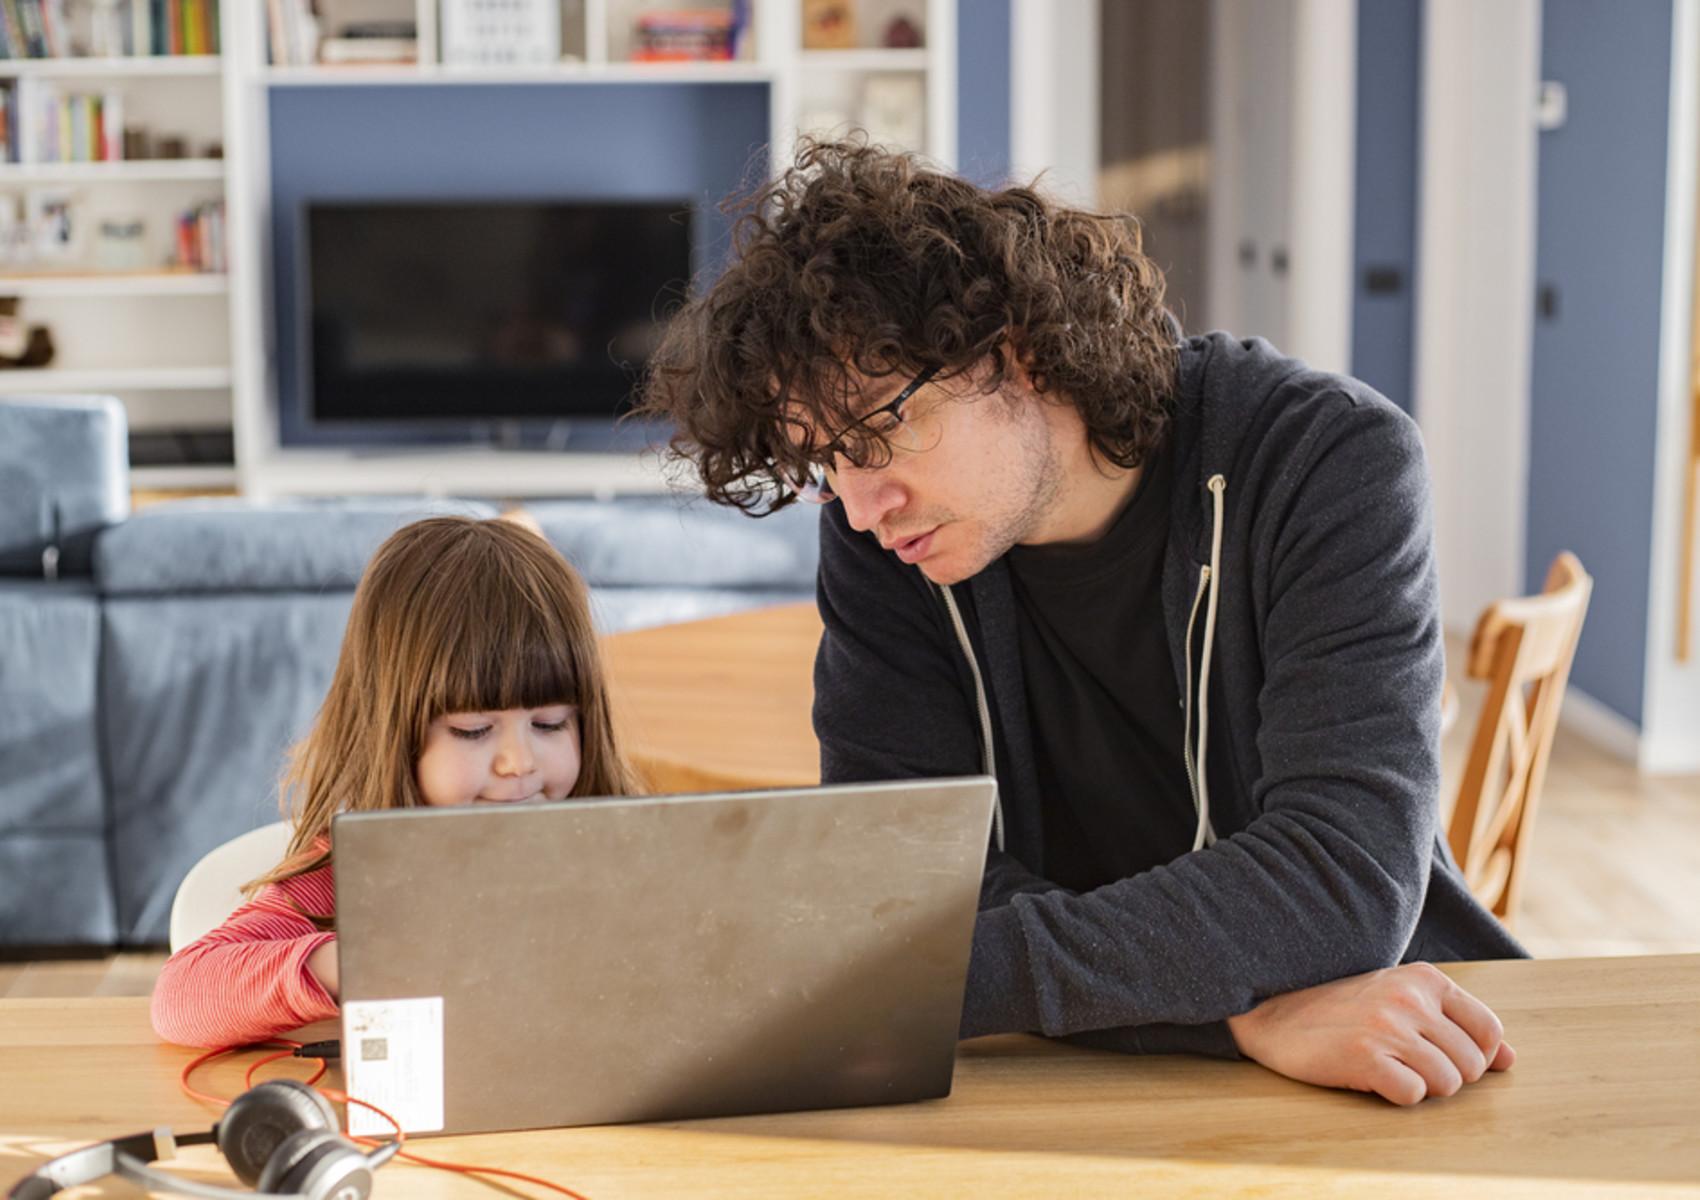 Smartworking e famiglie ai tempi del Covid19: il